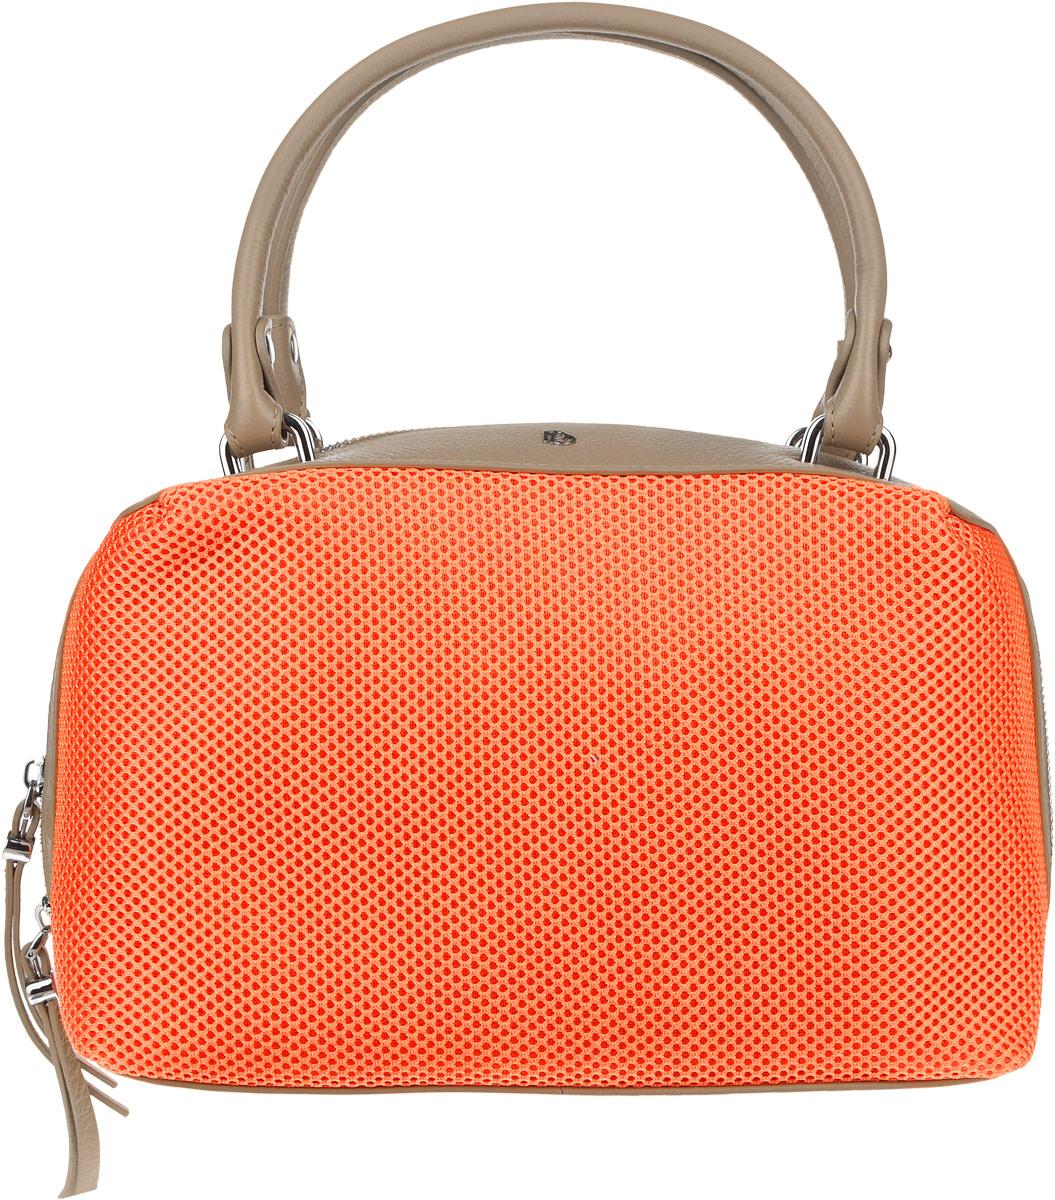 Сумка женская Pimo Betti, цвет: оранжевый, темно-бежевый. 14674B1-W114674B1-W1Оригинальная женская сумка торговой марки Pimo Betti выполнена из натуральной кожи с зернистой фактурой и текстильных вставок с перфорированной поверхностью. Модель закрывается на металлическую застежку-молнию. Сумка состоит из одного отделения, содержит два нашивных кармана для мелочей и мобильного телефона и врезной карман на пластиковой молнии. На задней стенке предусмотрен небольшой прорезной карман на молнии. Изделие оснащено удобными ручками. Дно сумки дополнено металлическими ножками, которые защищают изделие от повреждений. Сумка декорирована металлическими элементами с символикой логотипа бренда. Прилагается фирменный текстильный чехол для хранения. Оригинальный аксессуар позволит вам завершить образ и всегда быть в центре внимания.